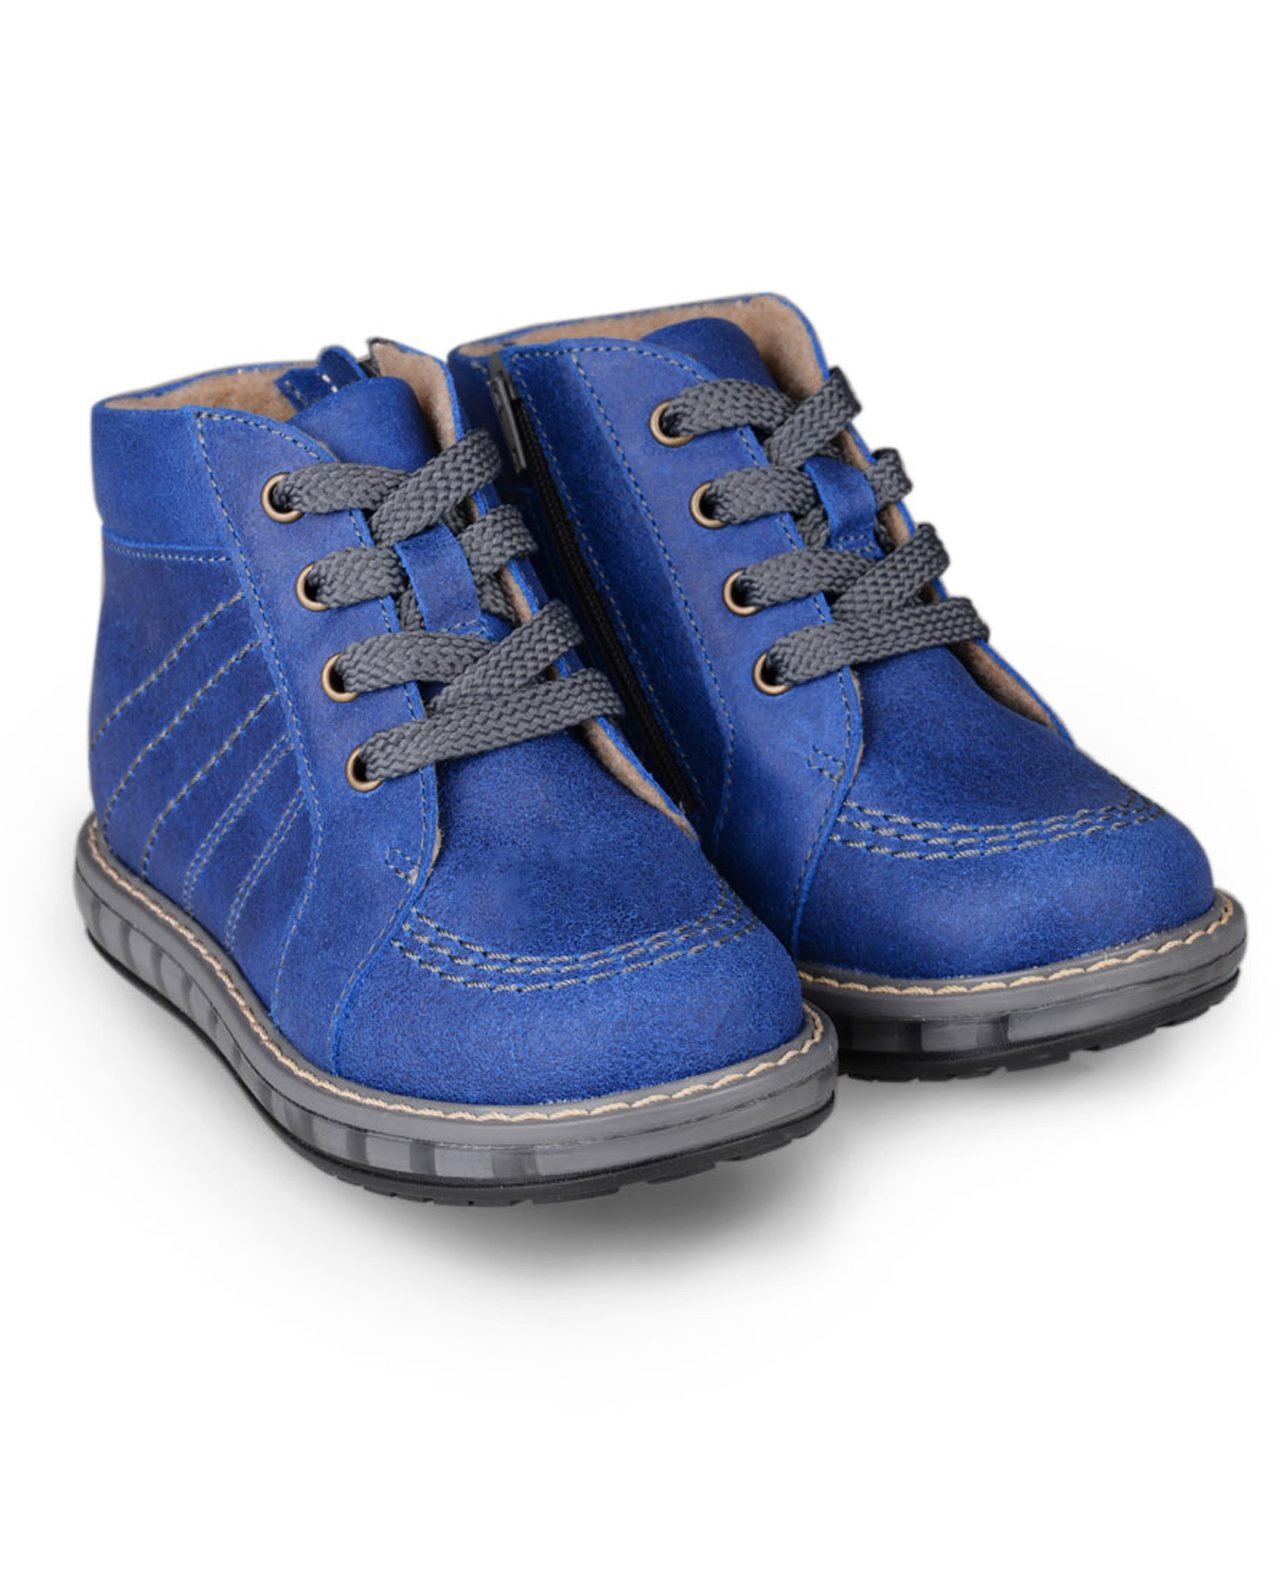 Ботинки Детские, Tapiboo АрктикаДемисезонные<br>Ботинки утепленные. Многослойная, анатомическая <br>стелька для правильного формирования стопы. <br>Жесткий фиксирующий задник с удлиненным <br>крылом надежно стабилизирует голеностопный <br>сустав во время ходьбы. Упругая, умеренно-эластичная <br>подошва, имеющая перекат позволяющий повторить <br>естественное движение стопы при ходьбе <br>для правильного распределения нагрузки <br>на опорно-двигательный аппарат ребенка. <br>Подкладка из байки LANATEX поддерживает комфортную <br>температуру внутри обуви при погодных условиях <br>от +5 до -5 градусов. Для дополнительного <br>удобства полуботинки снабжены застежкой-молнией, <br>что позволяет легко, не расшнуровывая, снимать <br>и надевать обувь.<br>Размер INT: M; Цвет: Красный; Ширина: 100; Высота: 200; Вес: 1000;